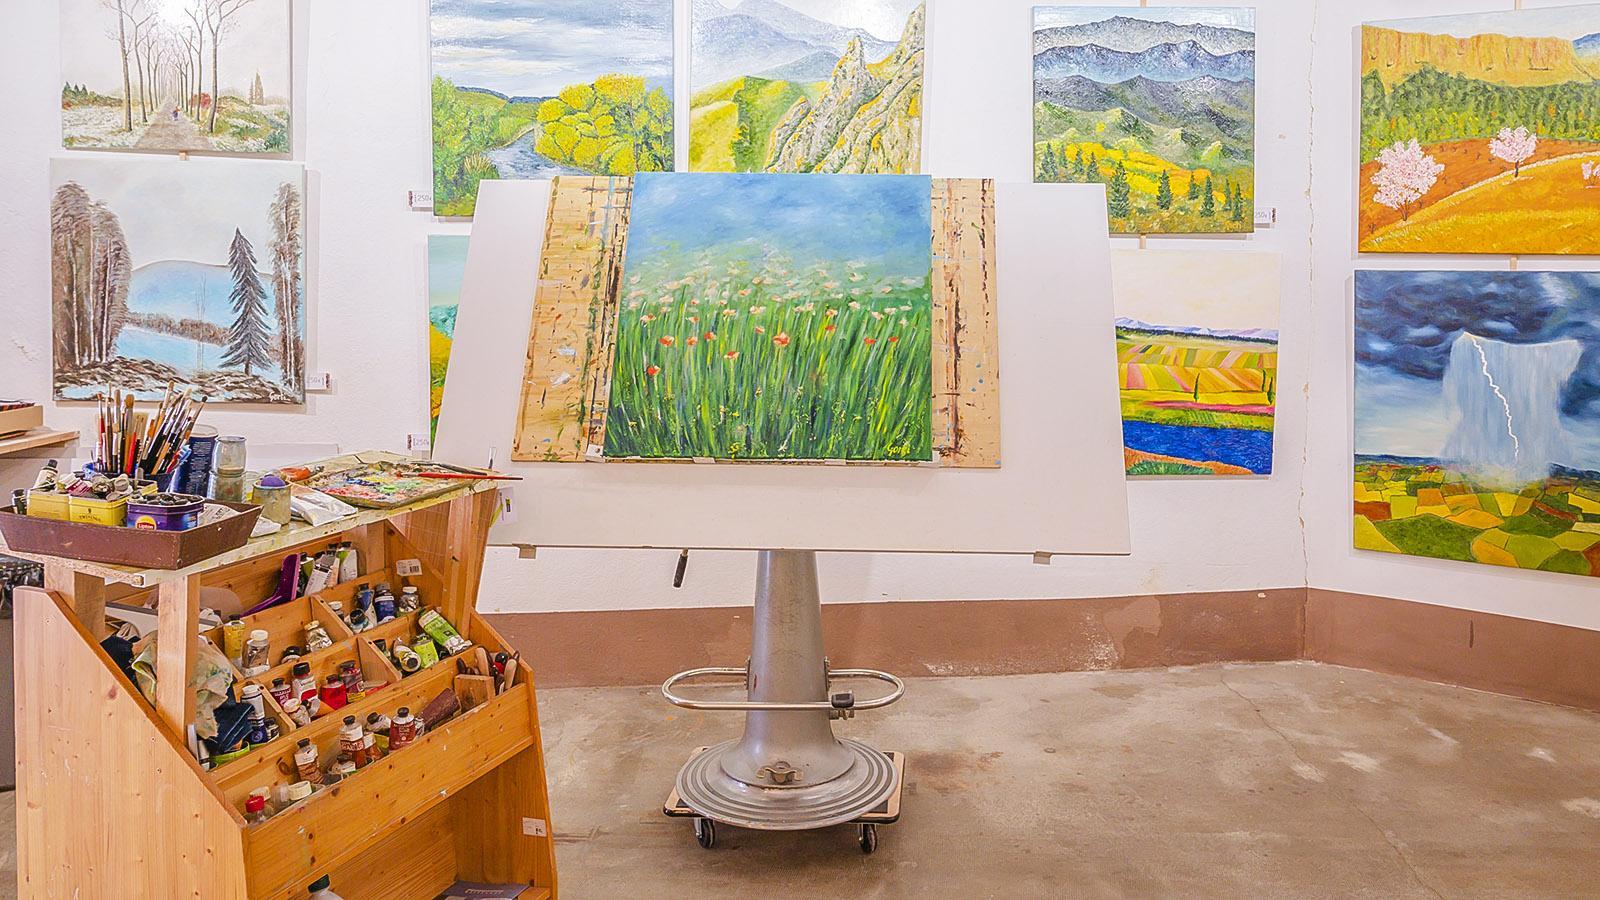 Das Atelier von Philippe Roitg in Saint-Paul-de-Fenouillet. Foto: Hilke Maunder